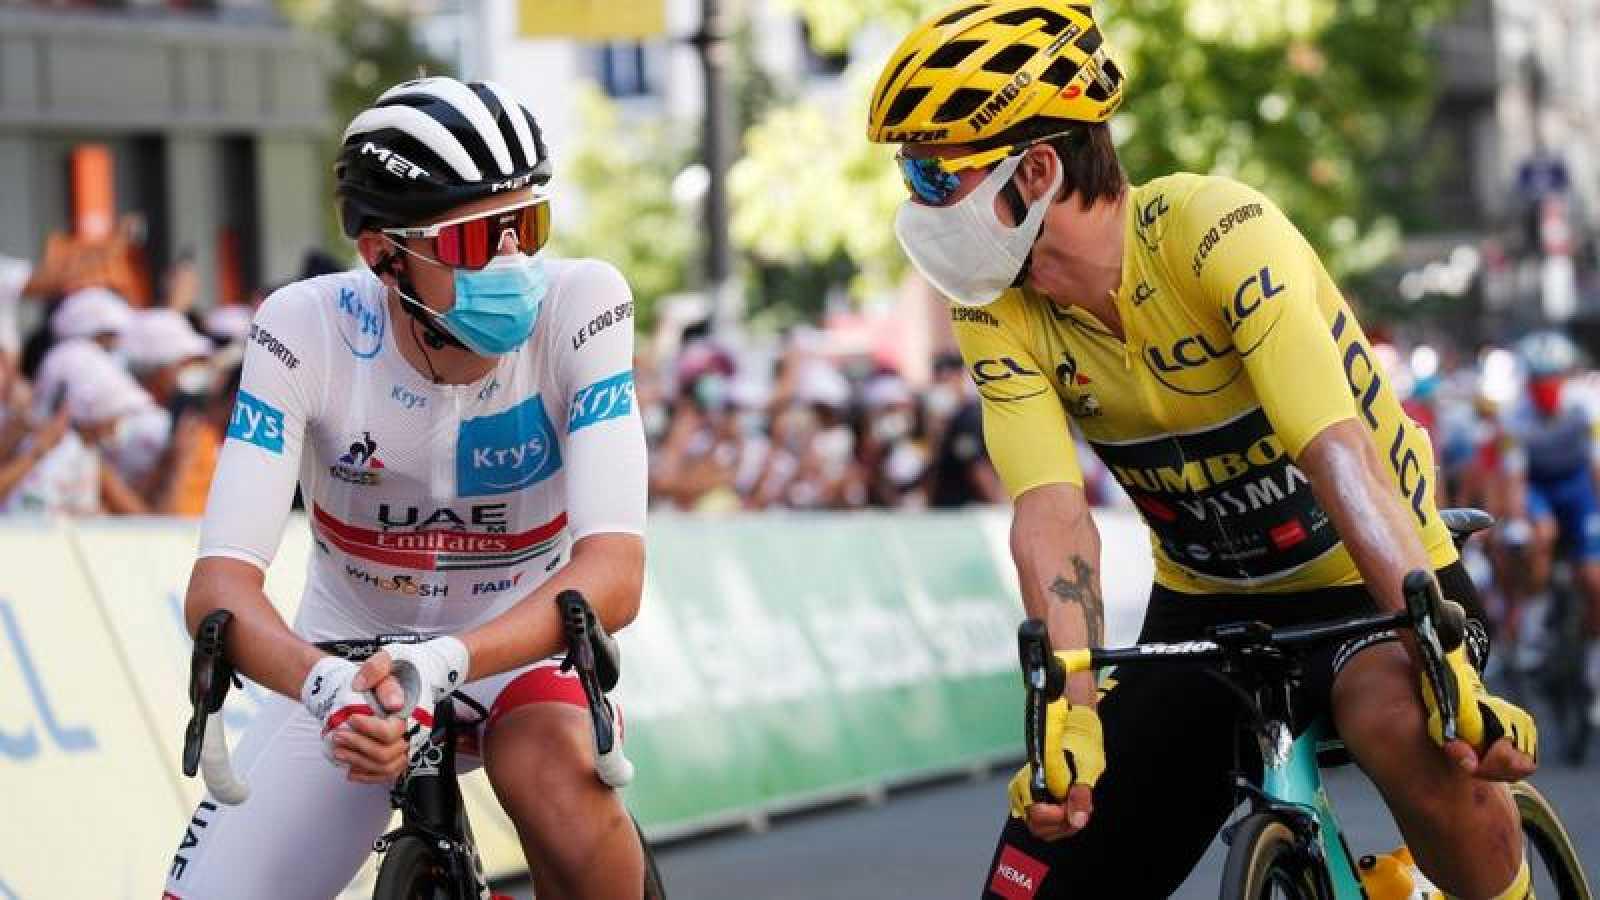 Los ciclistas eslovenos Tadej Pogaçar y Primoz Roglic conversan antes de una salida en el Tour 2020.